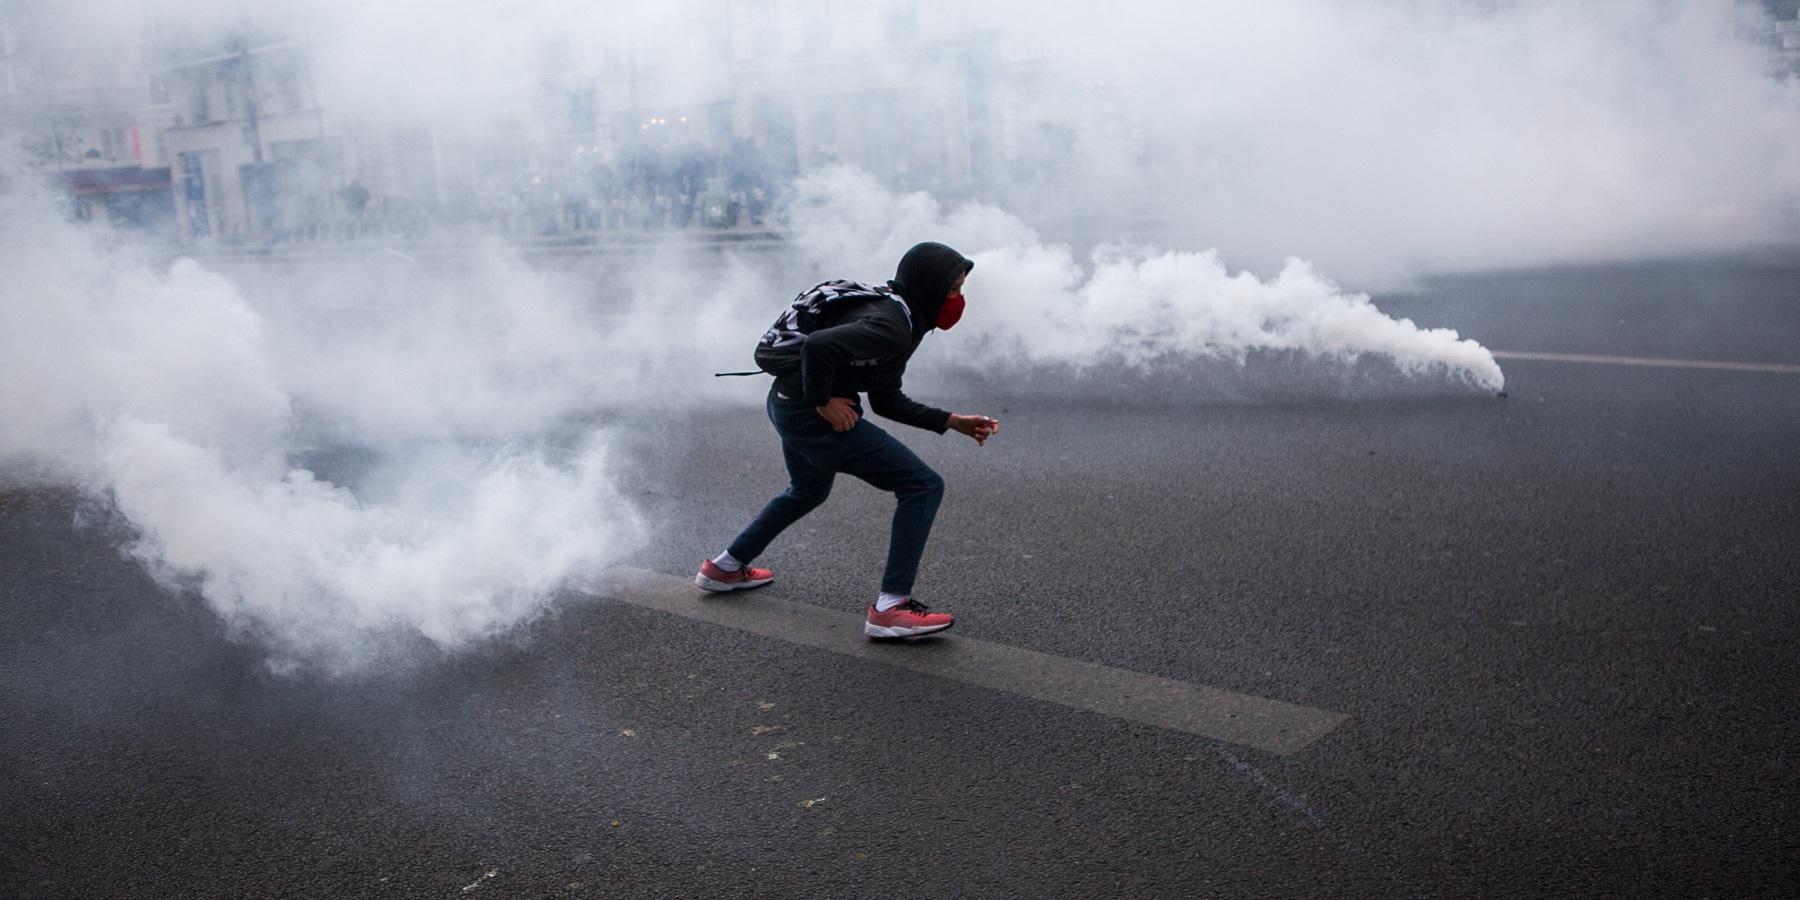 L'ombre du Comité invisible plane sur la jeunesse radicale